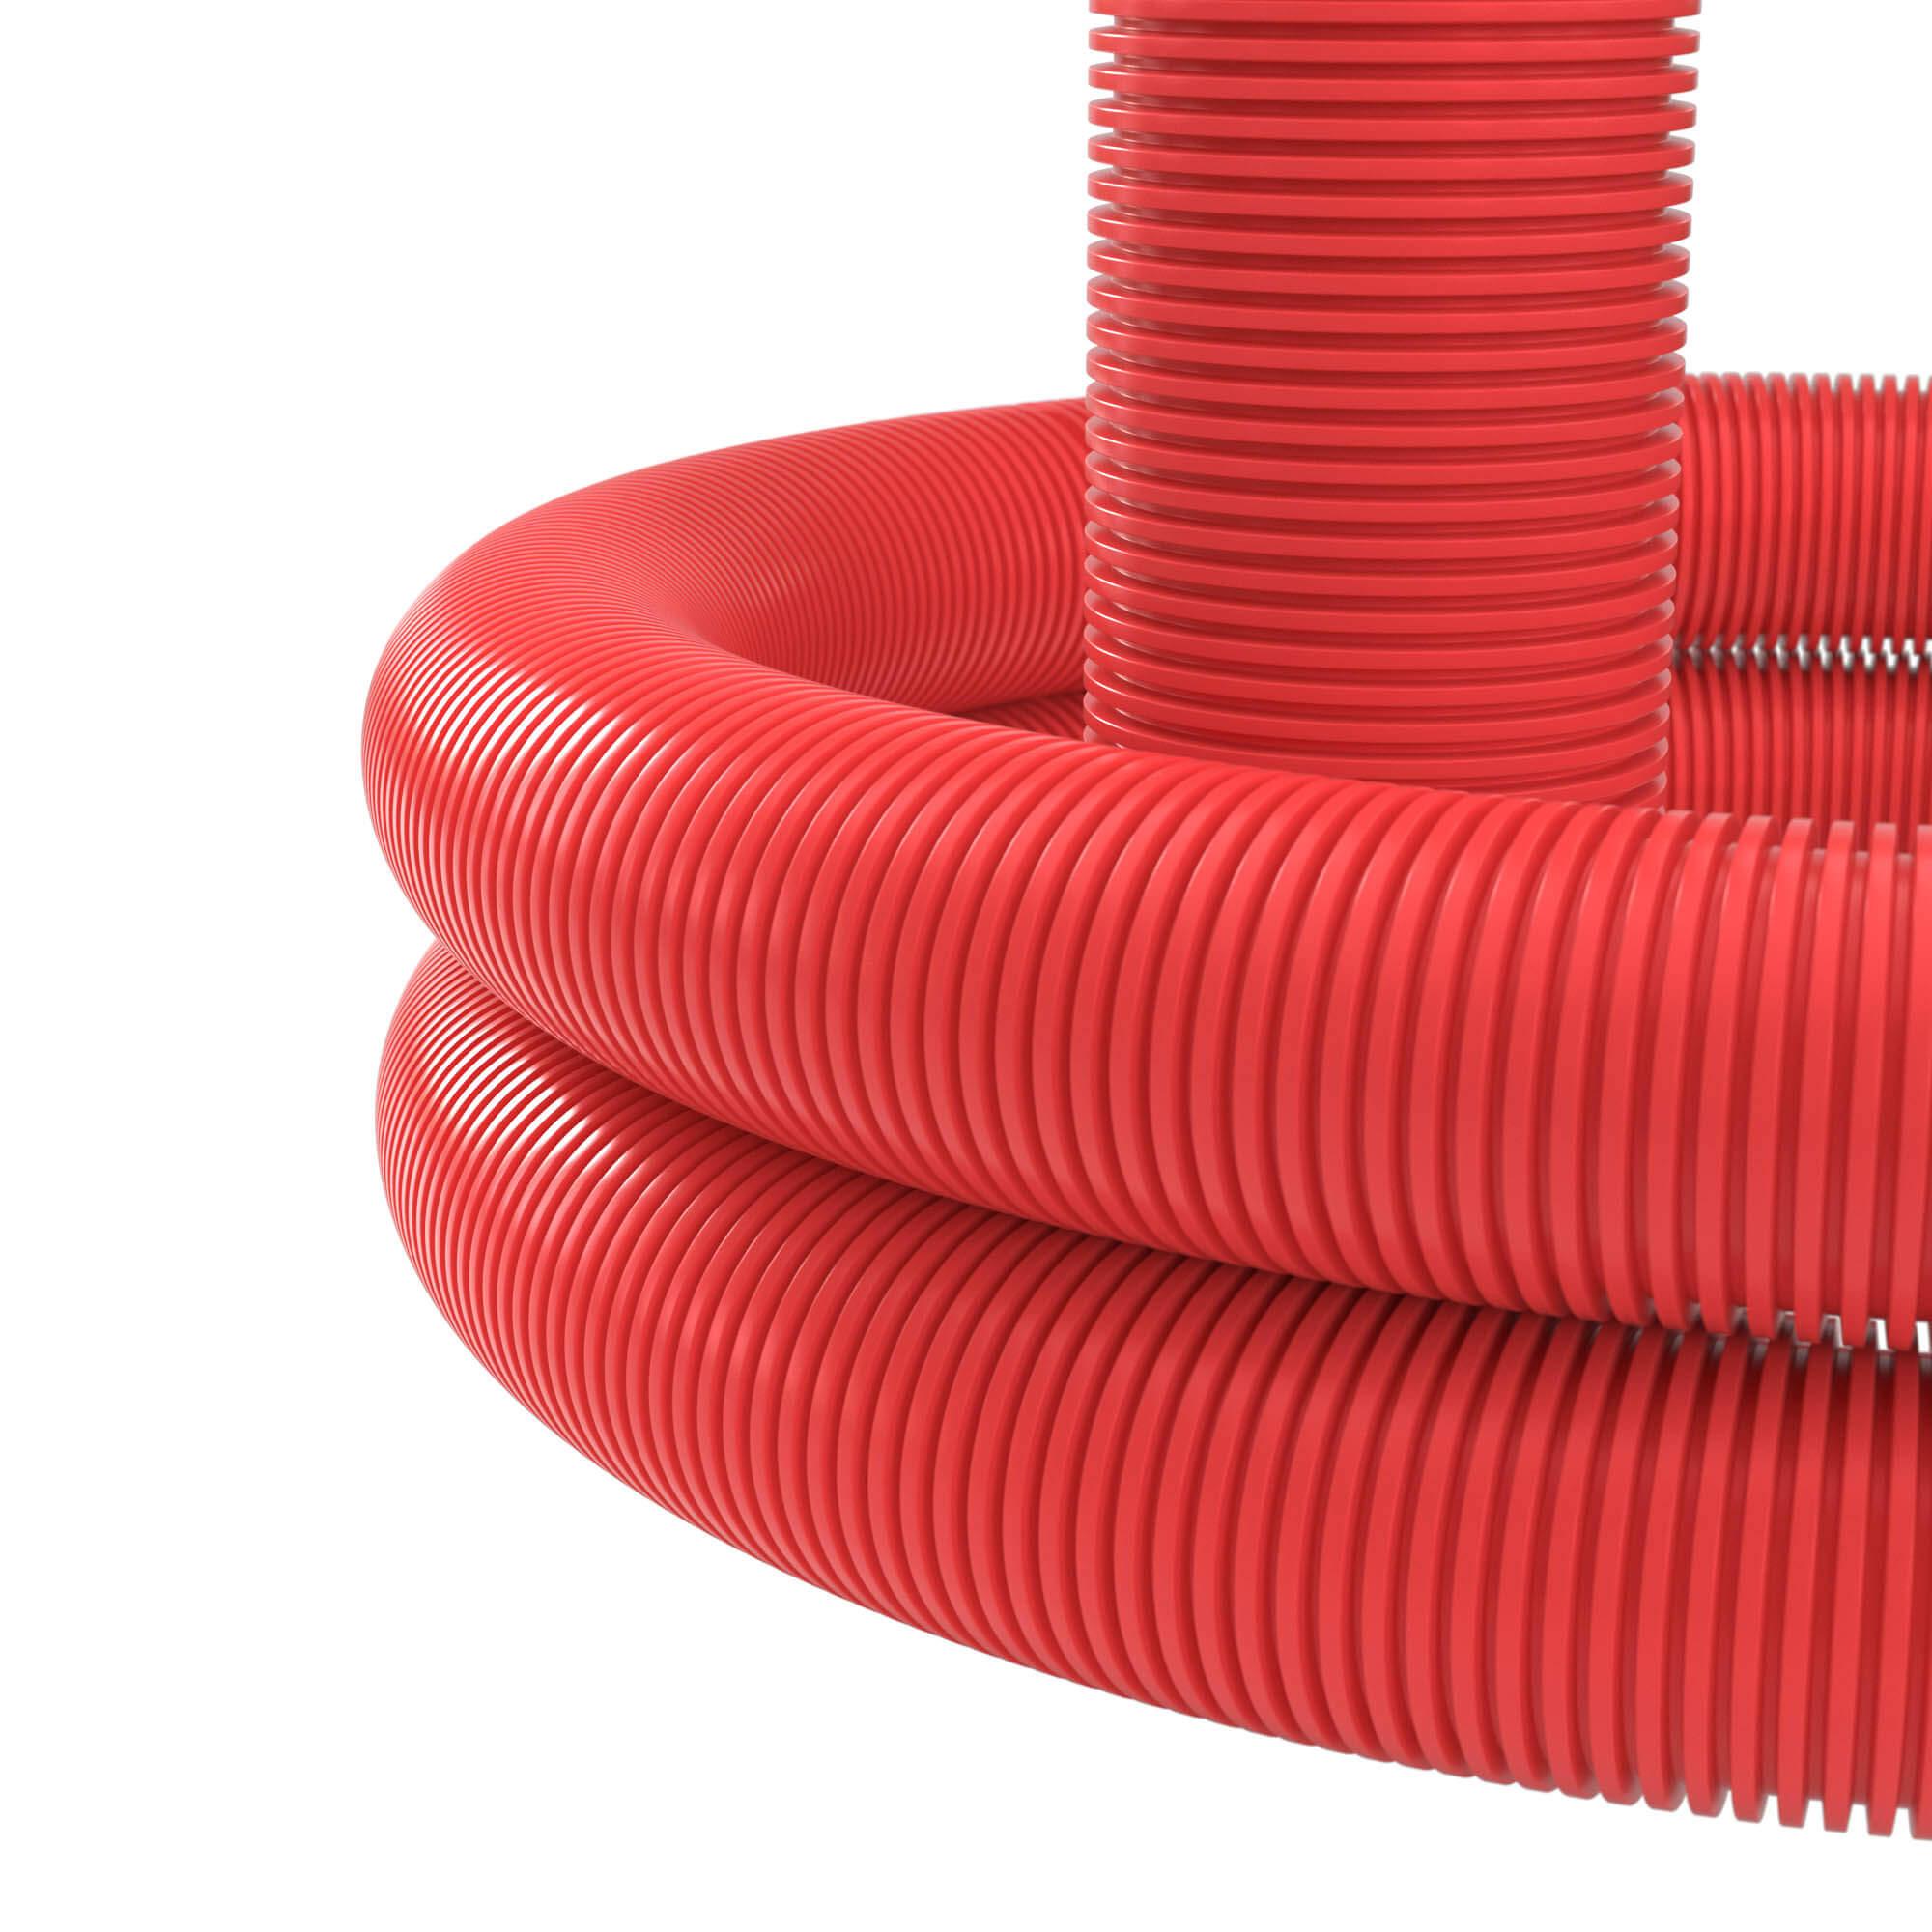 Двустенная труба ПНД гибкая для кабельной канализации d 160мм с протяжкой SN6 450Н красный